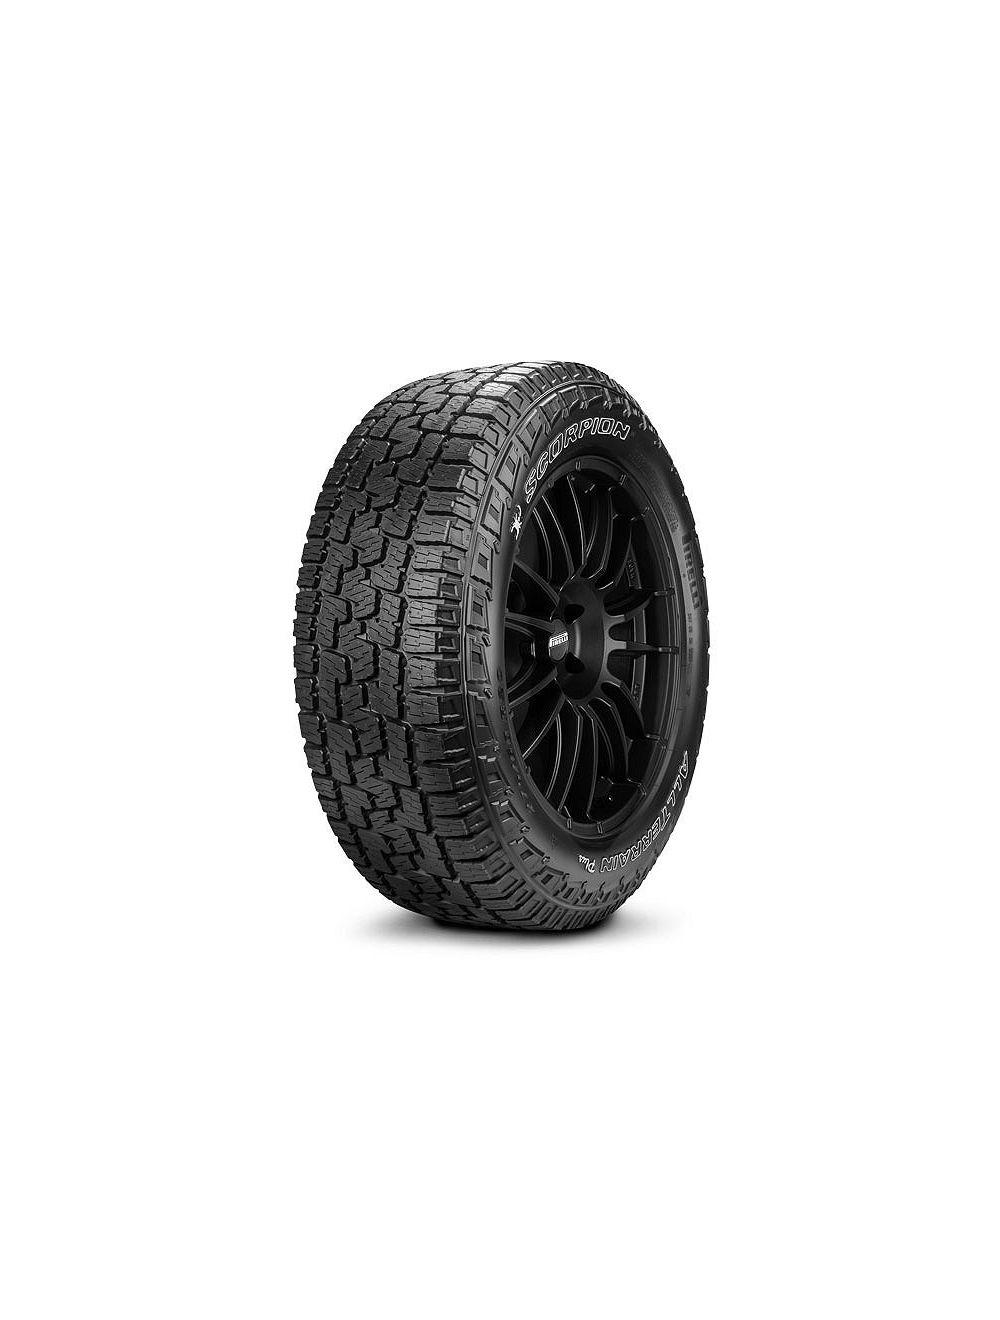 Pirelli 255/60R18 H Scorpion A/T Plus XL Nyári gumi